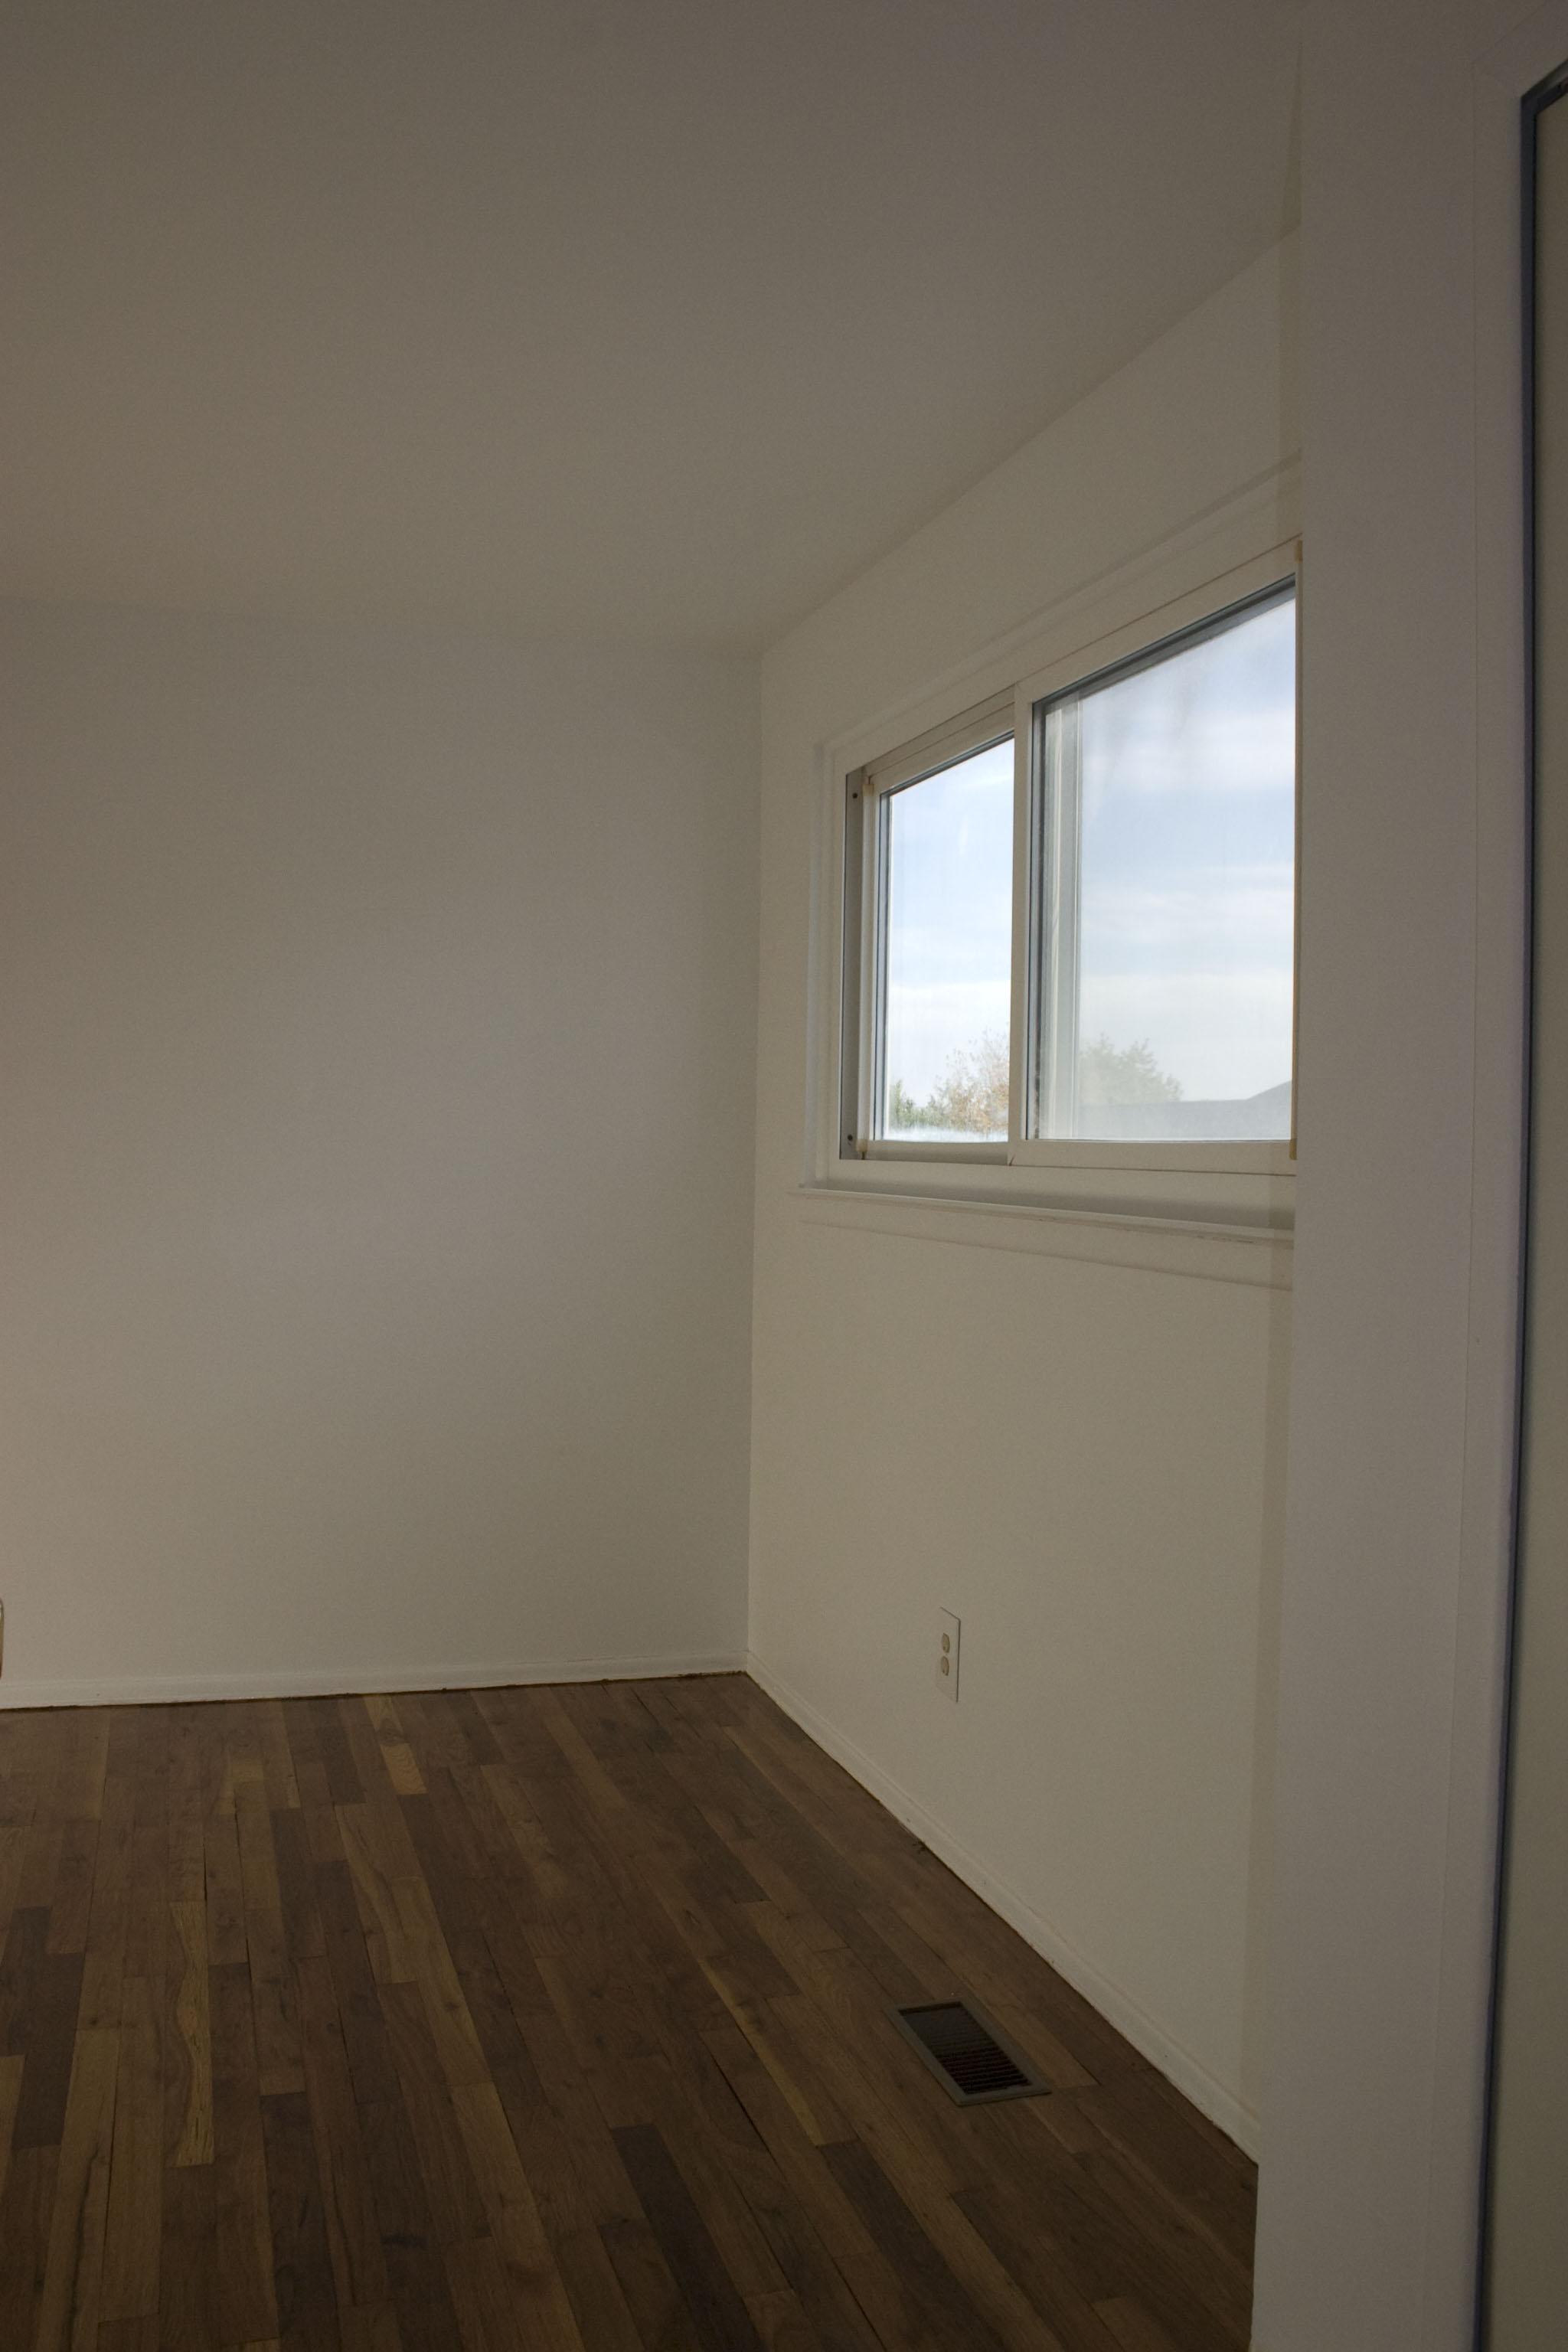 2-bedroom smaller bedroom